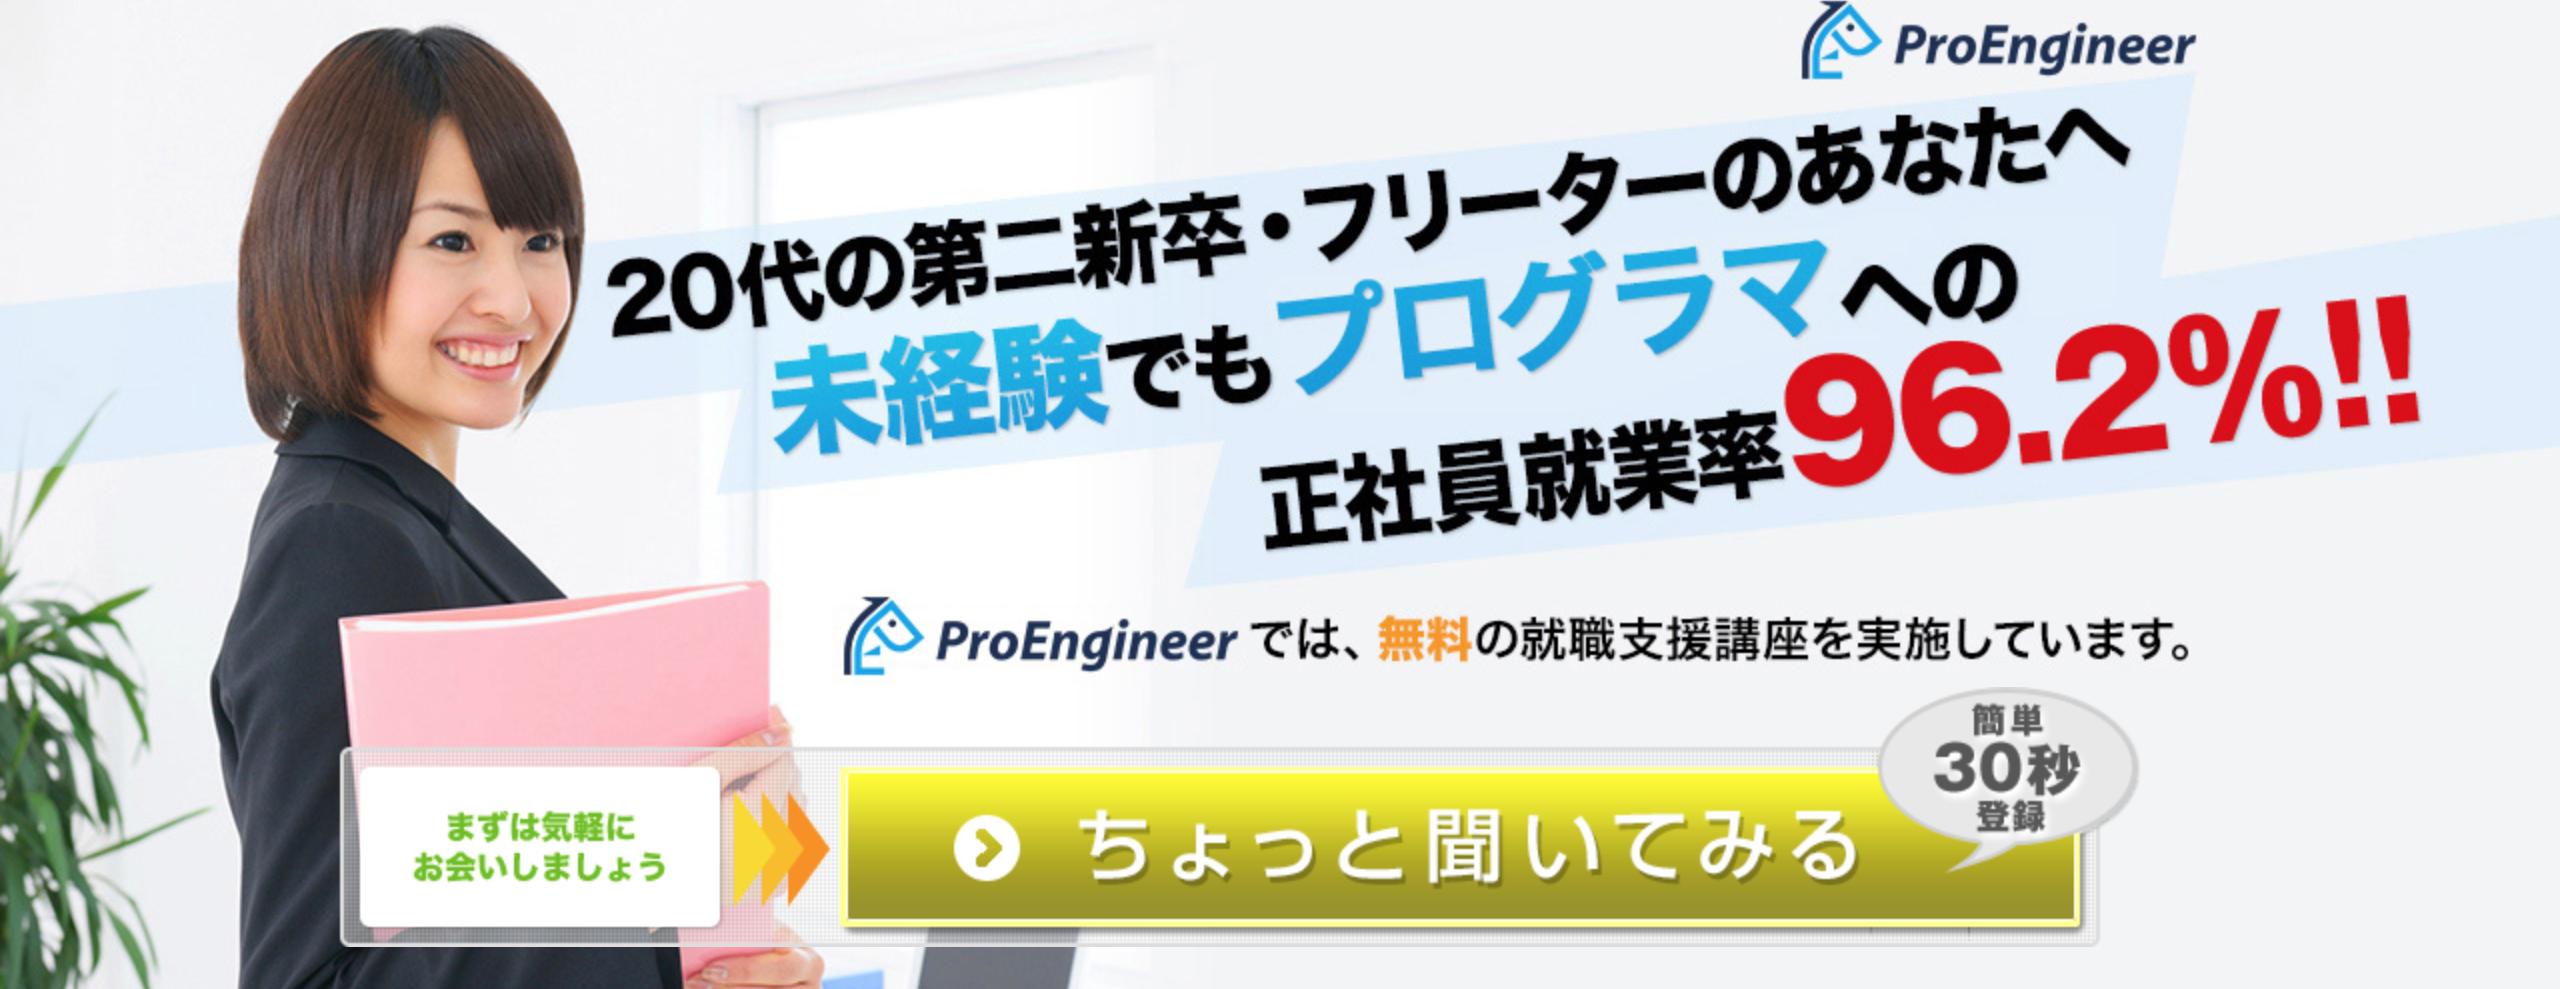 ProEngineer(プログラマカレッジ)